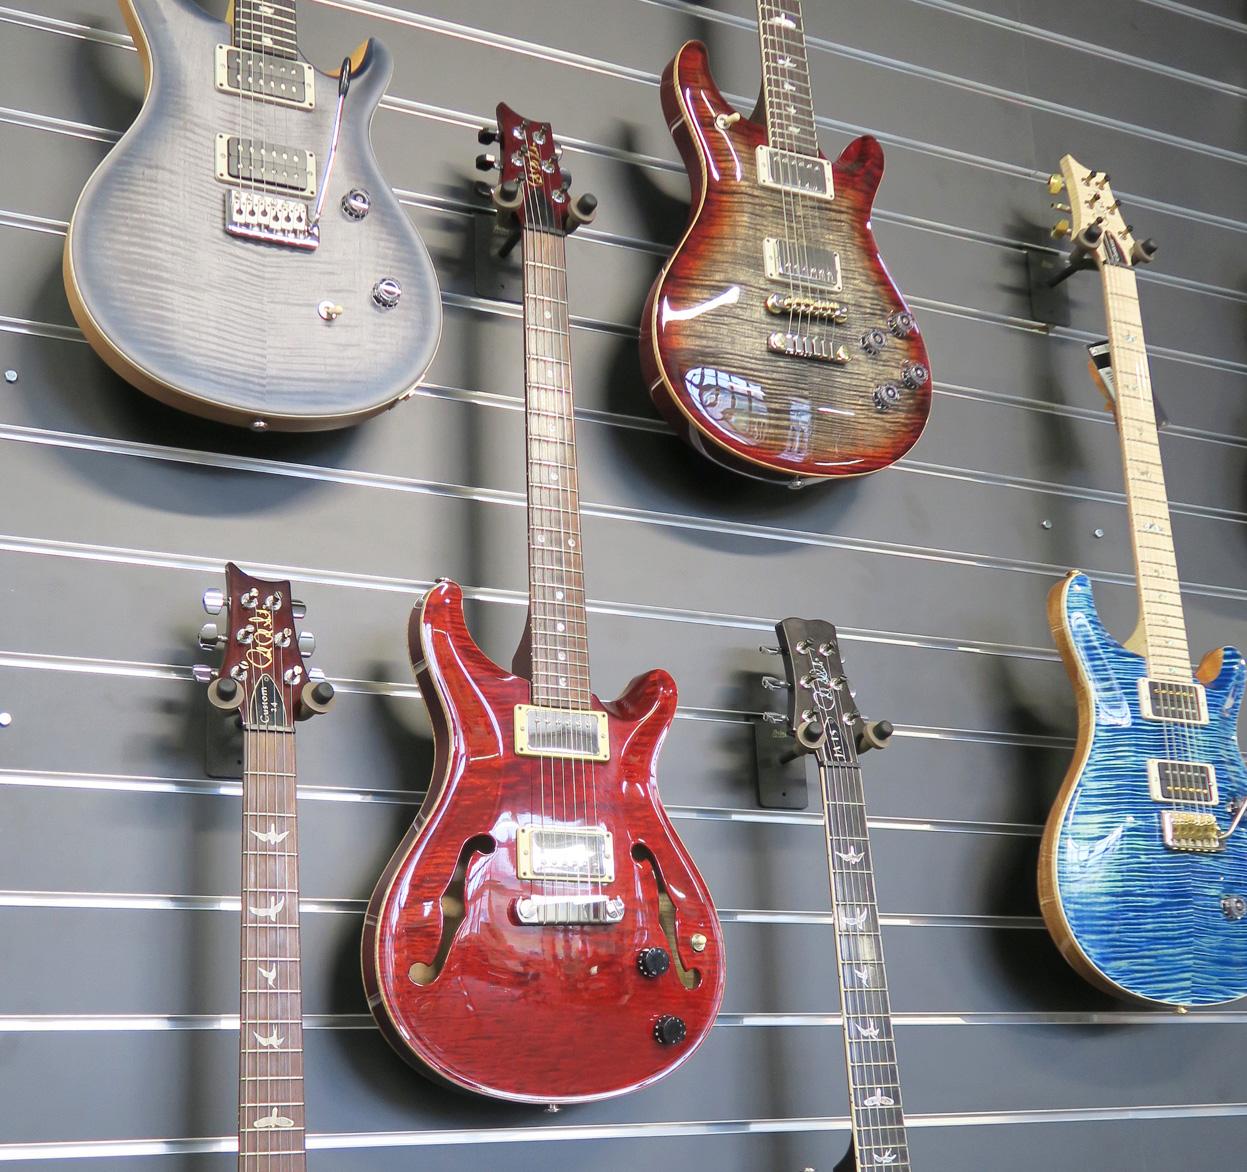 E-Gitarren zum Anschauen und Ausprobieren: Damit will Musik Niederberger punkten.